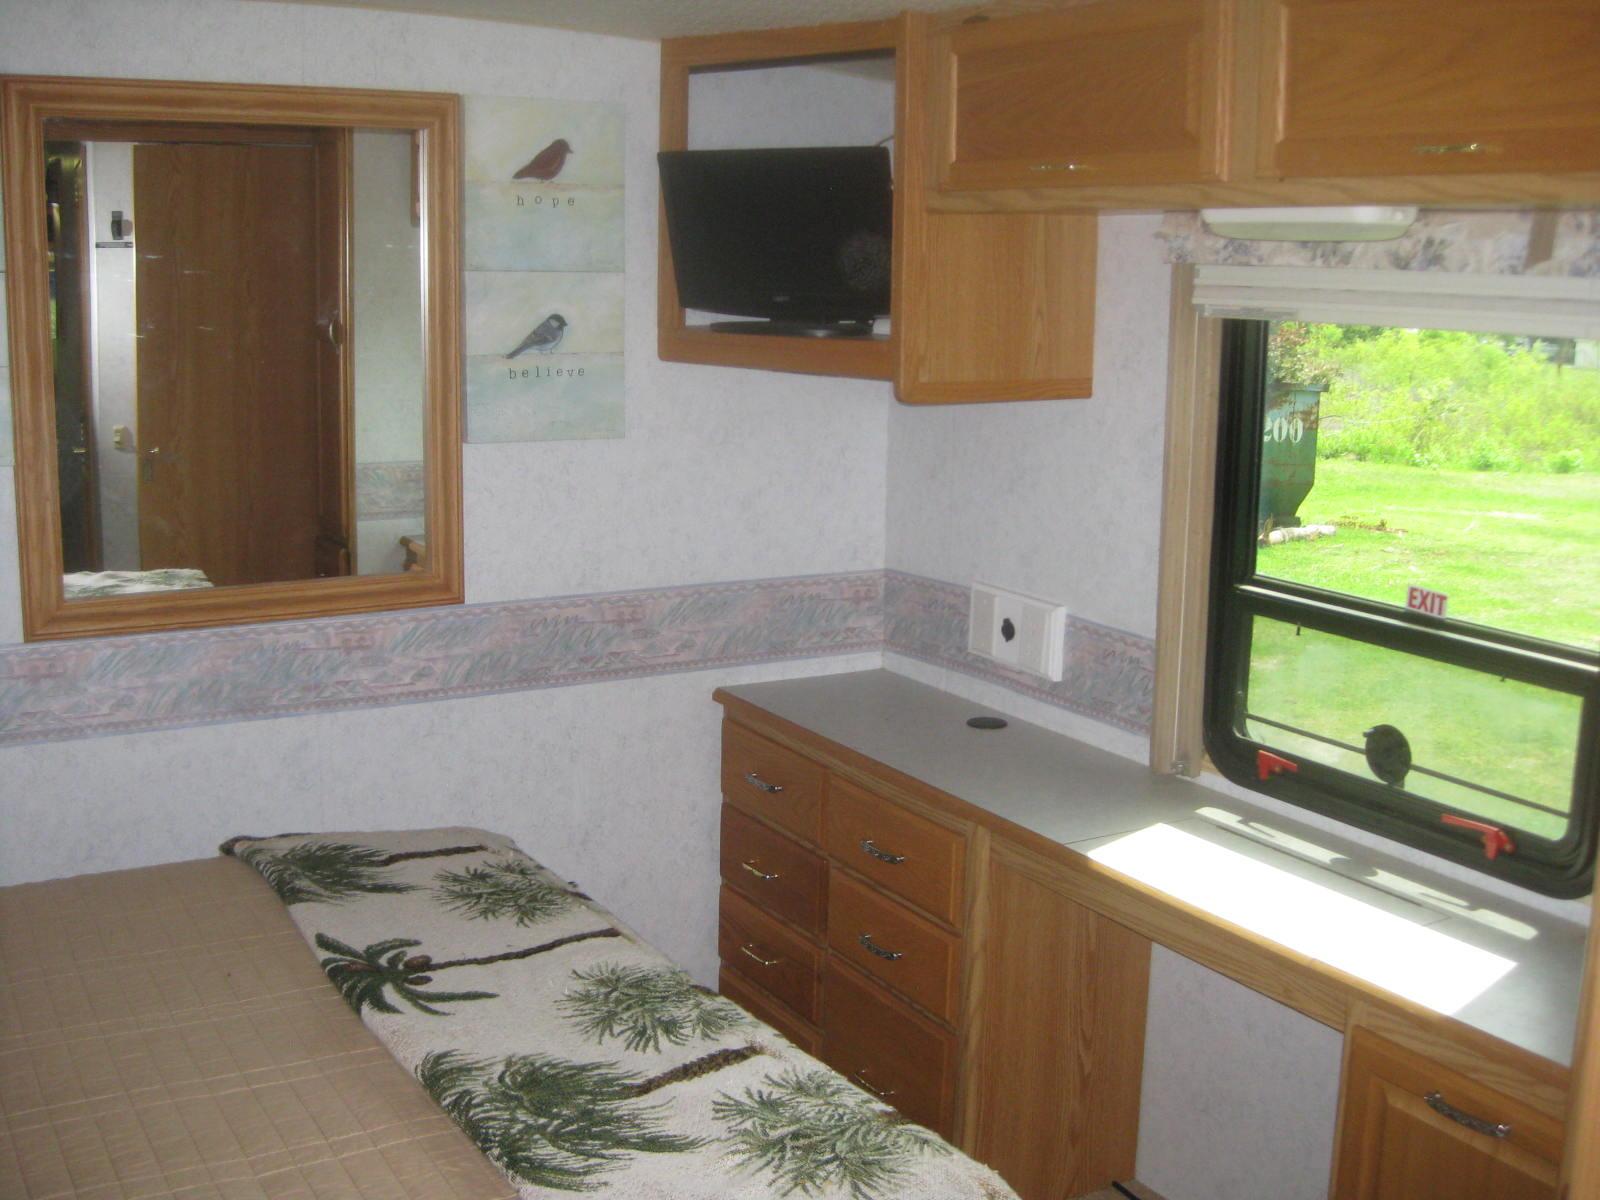 Master bedroom window. Winnebago Adventurer 2003